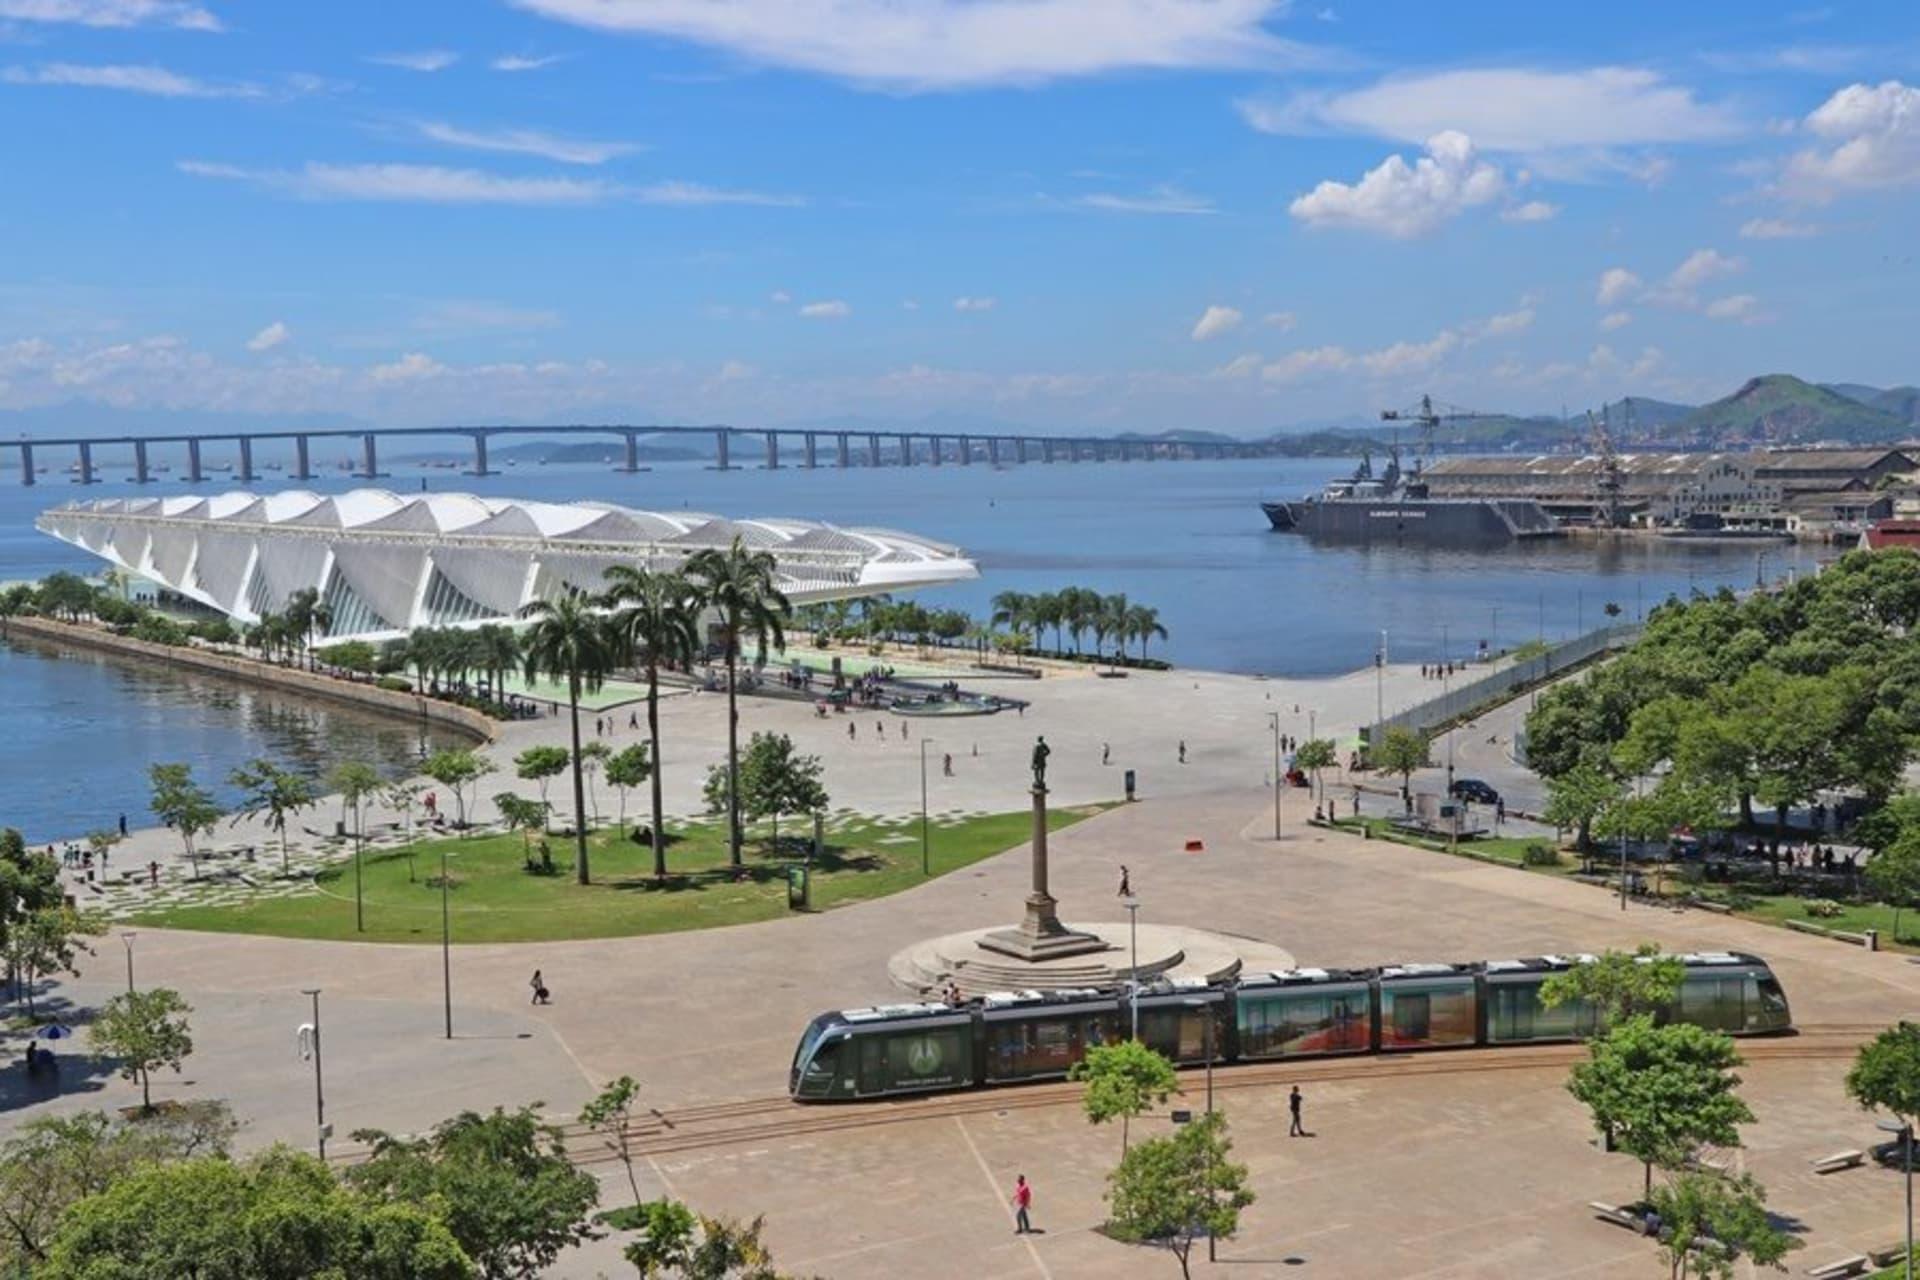 Rio de Janeiro - The new port of Rio de Janeiro